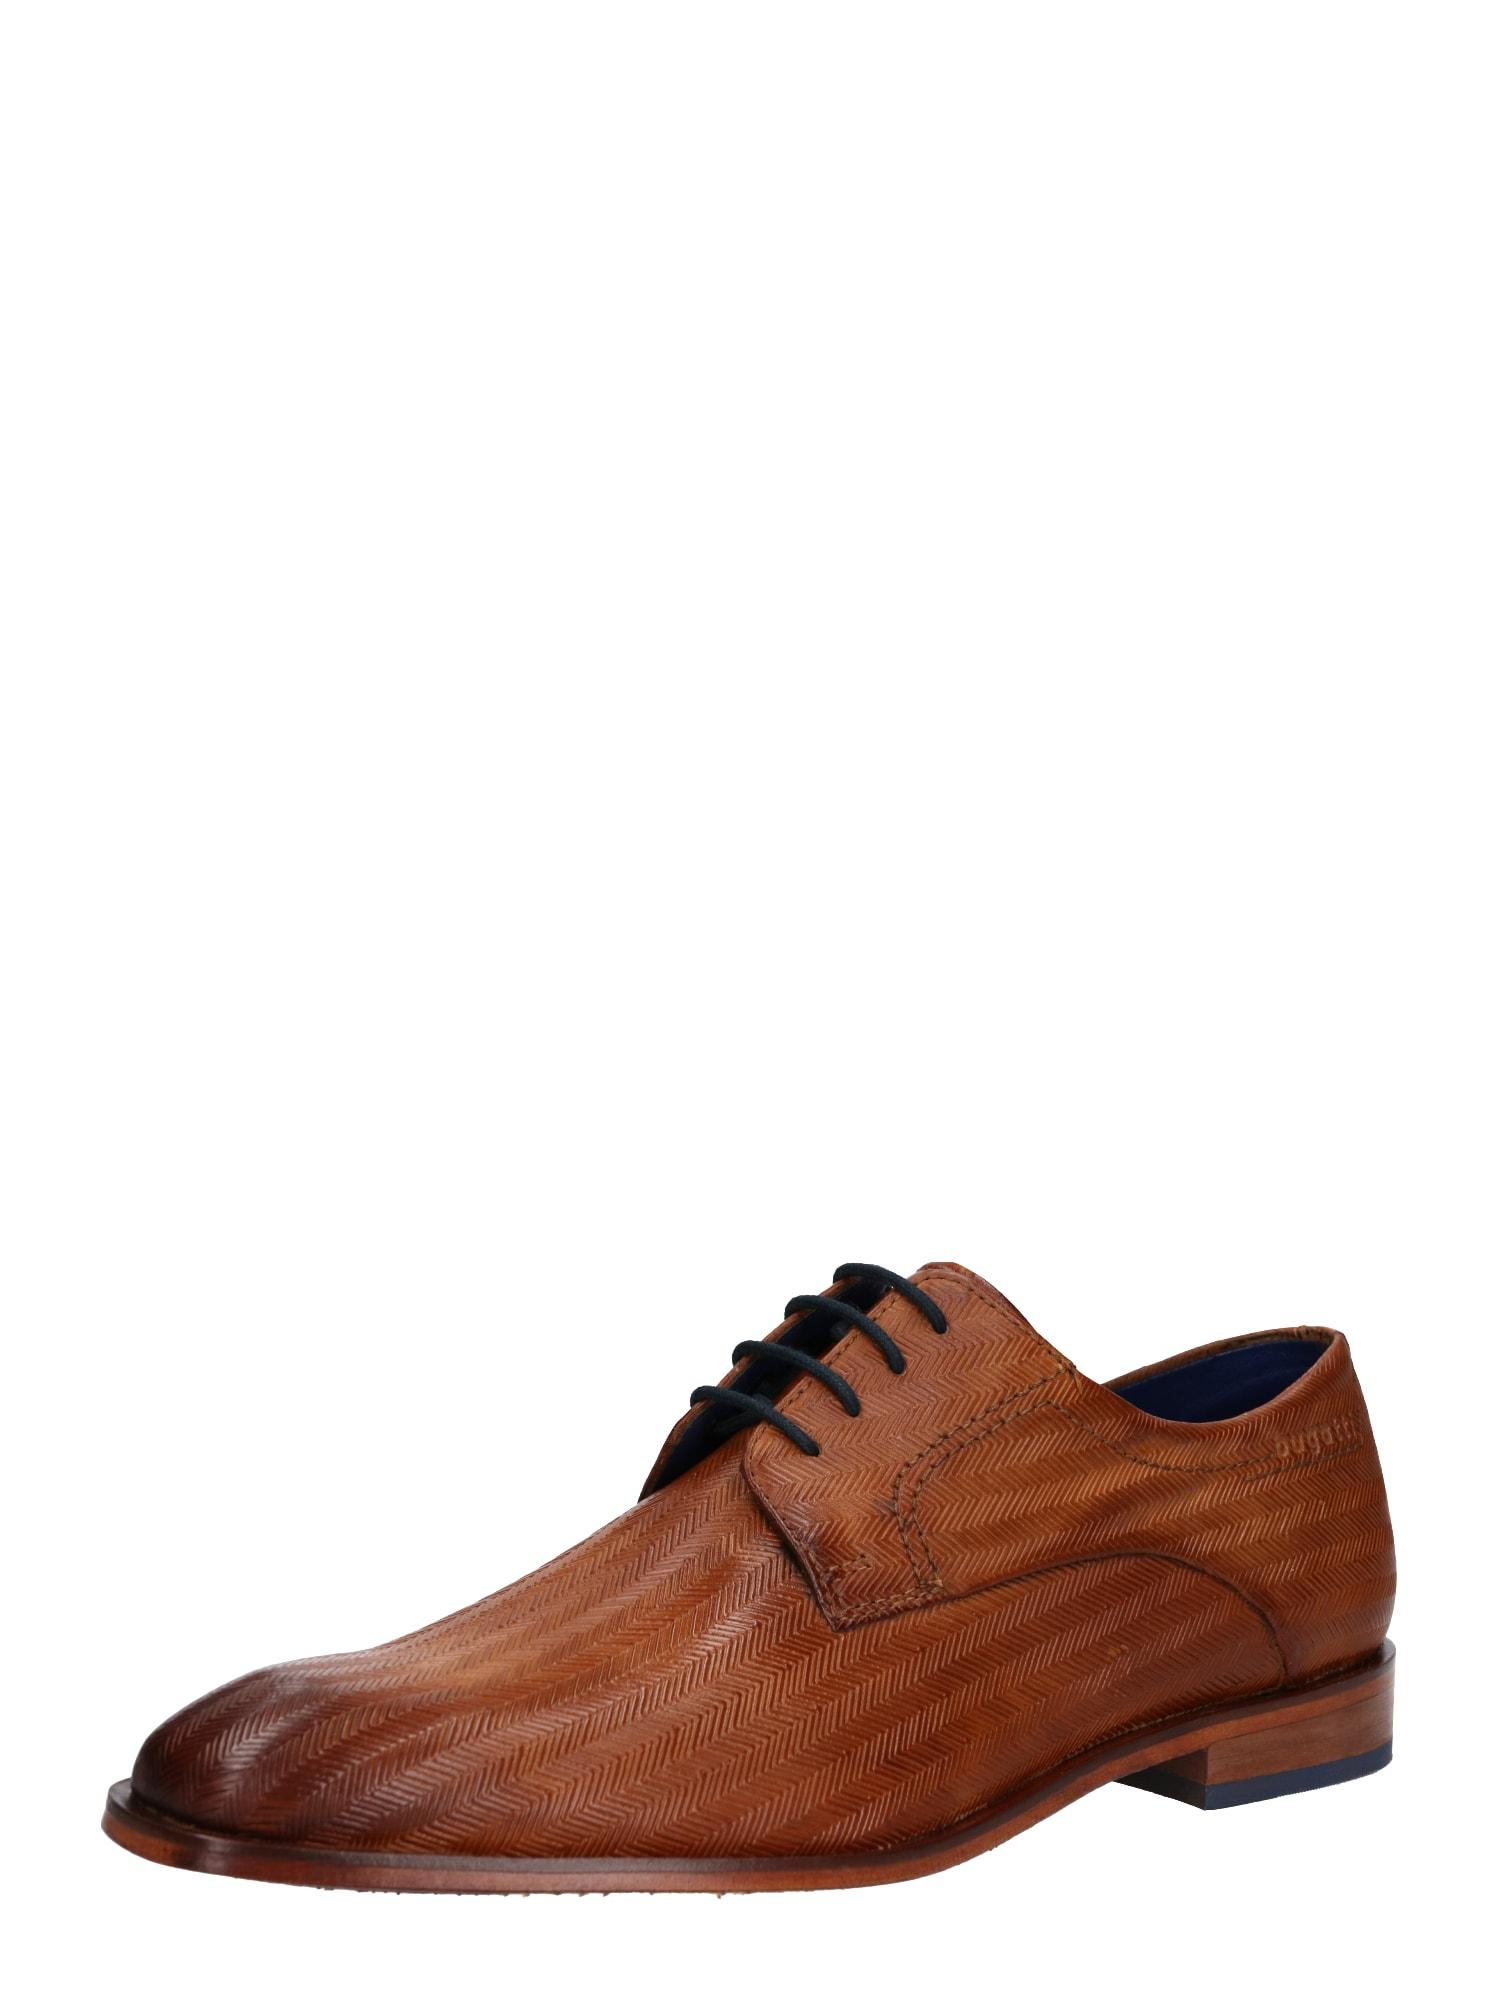 Šněrovací boty Milko koňaková Bugatti